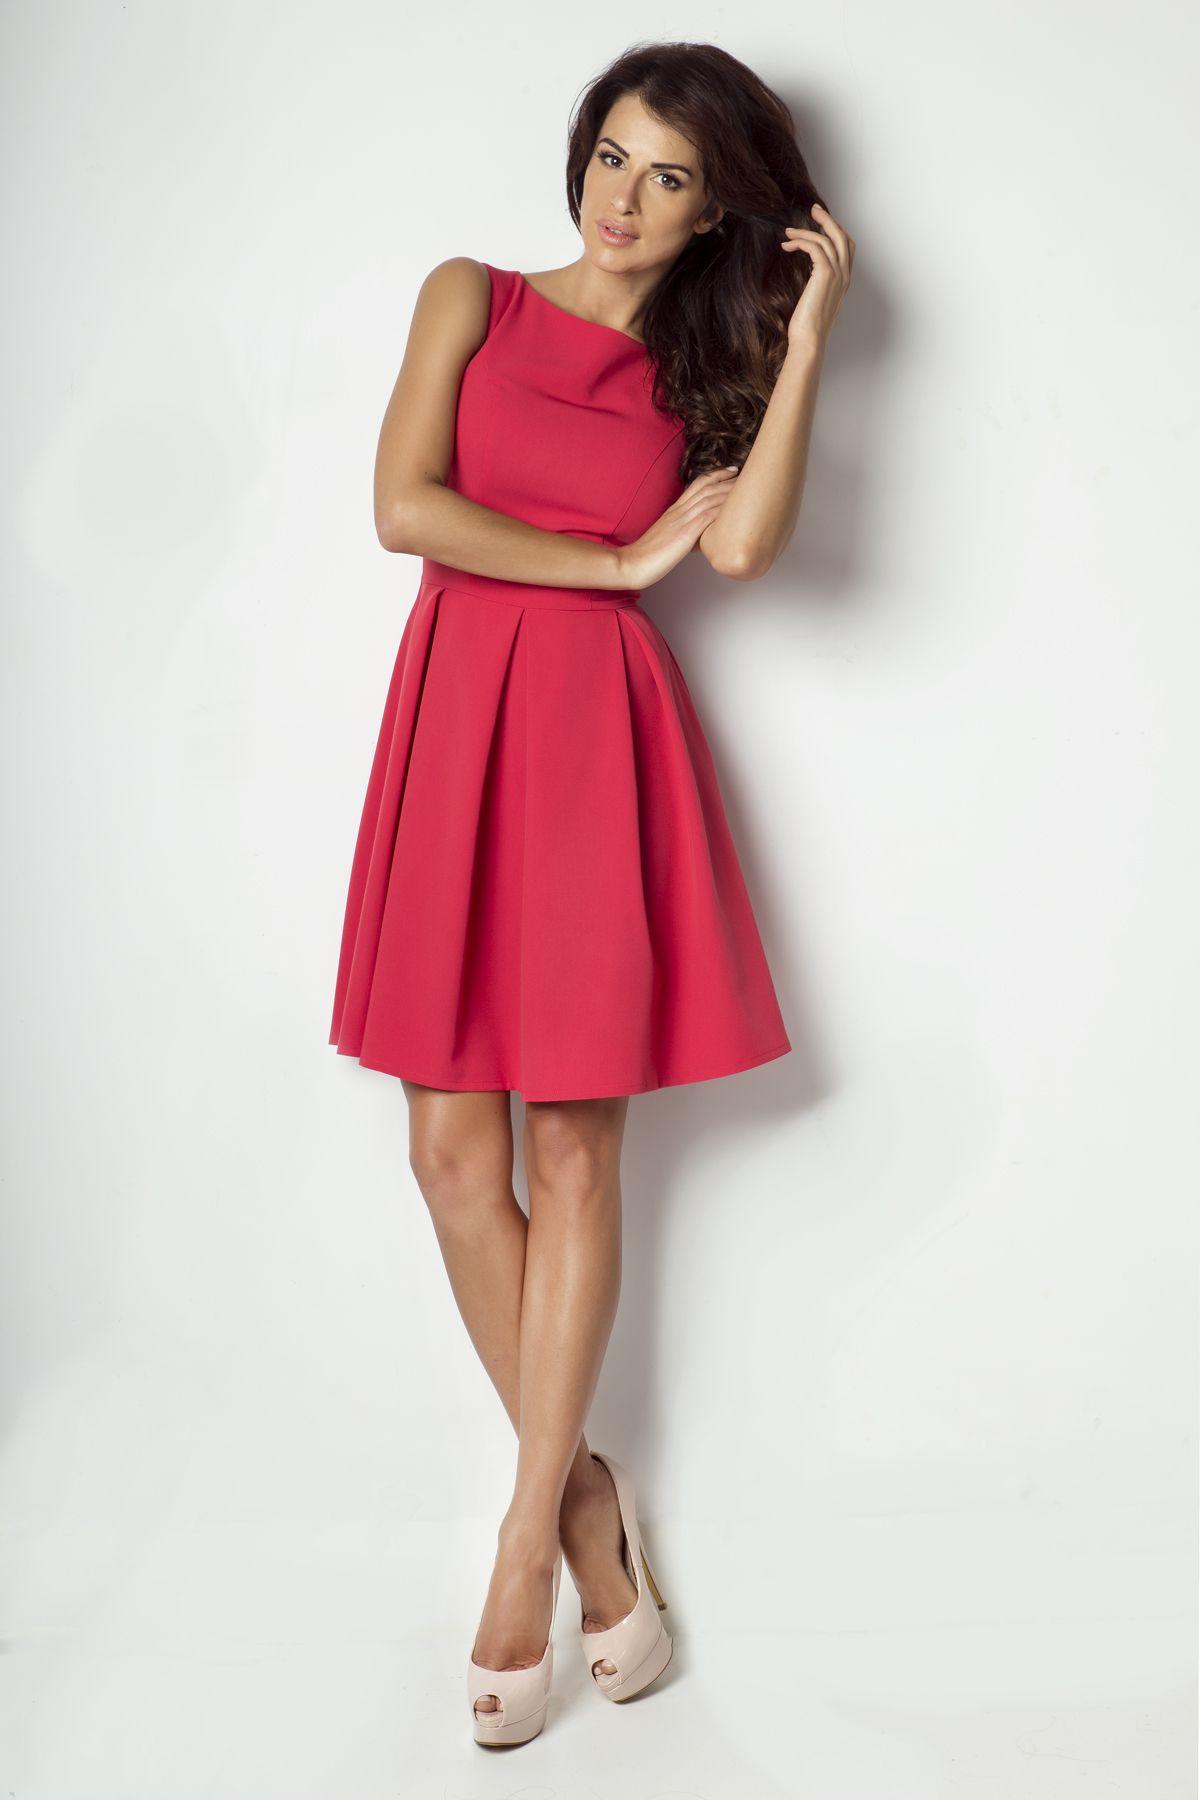 c6b90121c Wyjątkowa sukienka z kolorze różu malinowego. Sukienka w kontrafałdy, lekko  rozkloszowana. Wykorzystasz ją